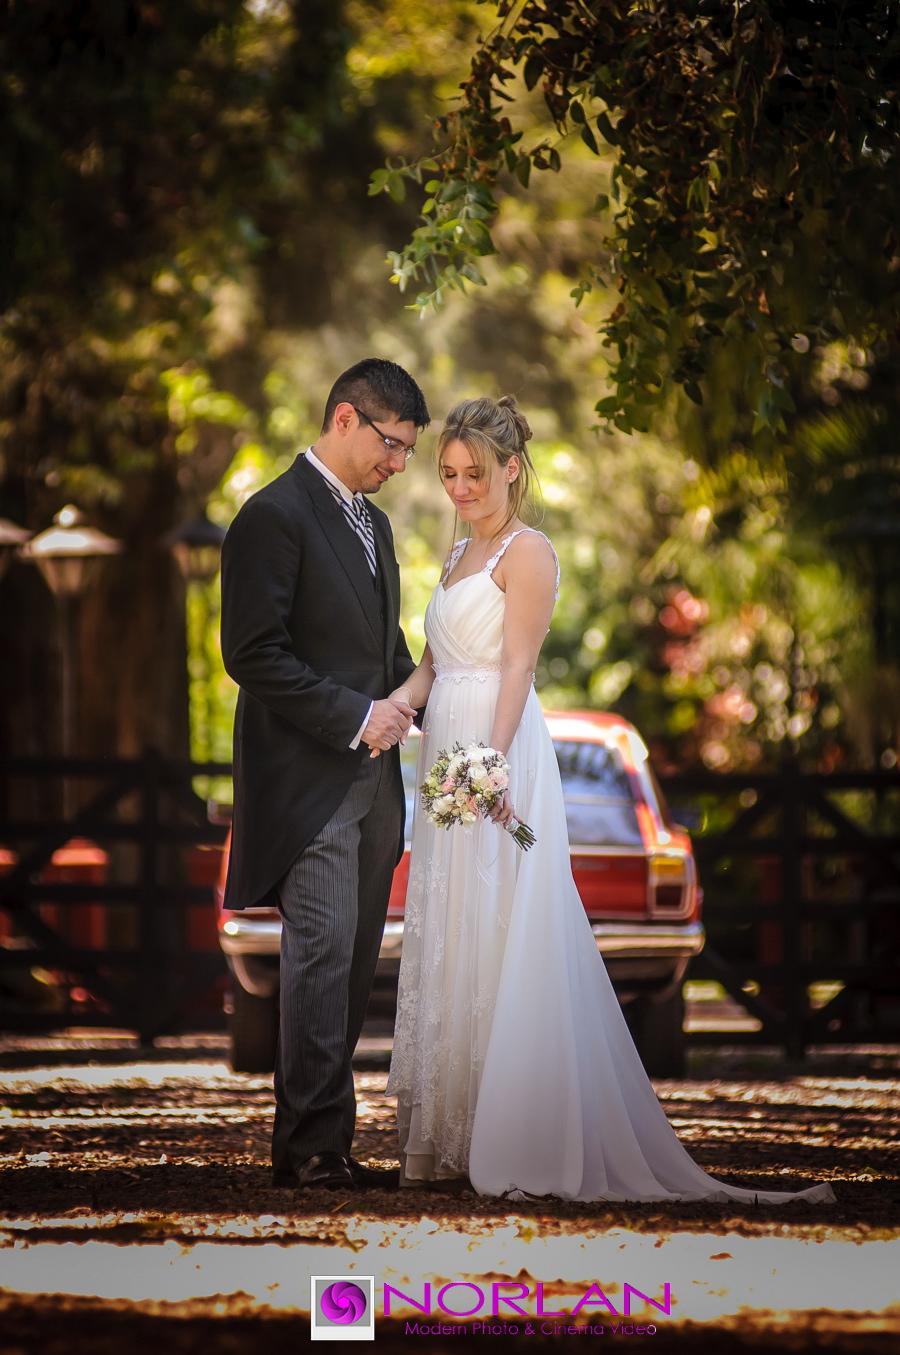 Casamiento-lorena-ricardo-finca-madero-norlan_14